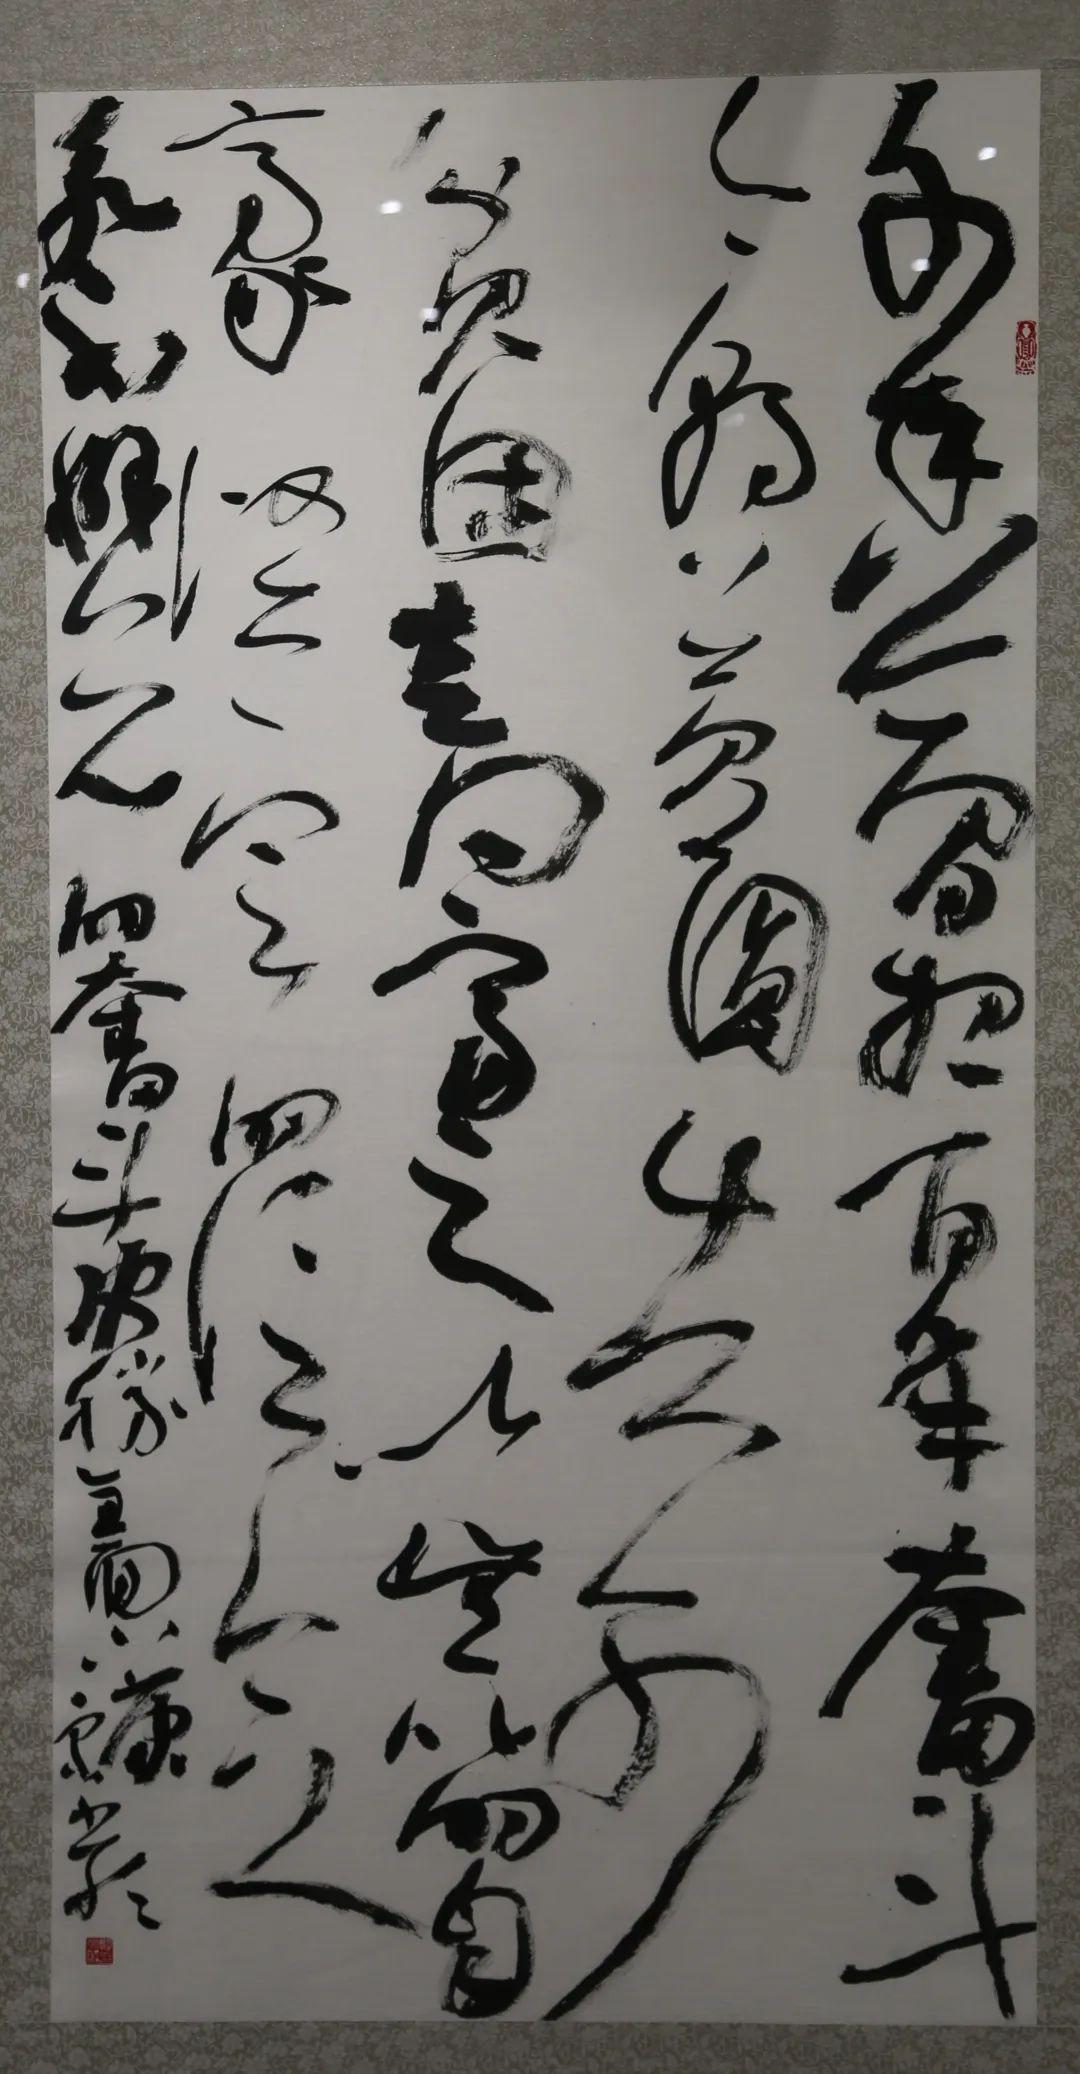 传承红色文化 携手共迎小康 苏皖两省六市书画展在蚌埠开幕(图41)